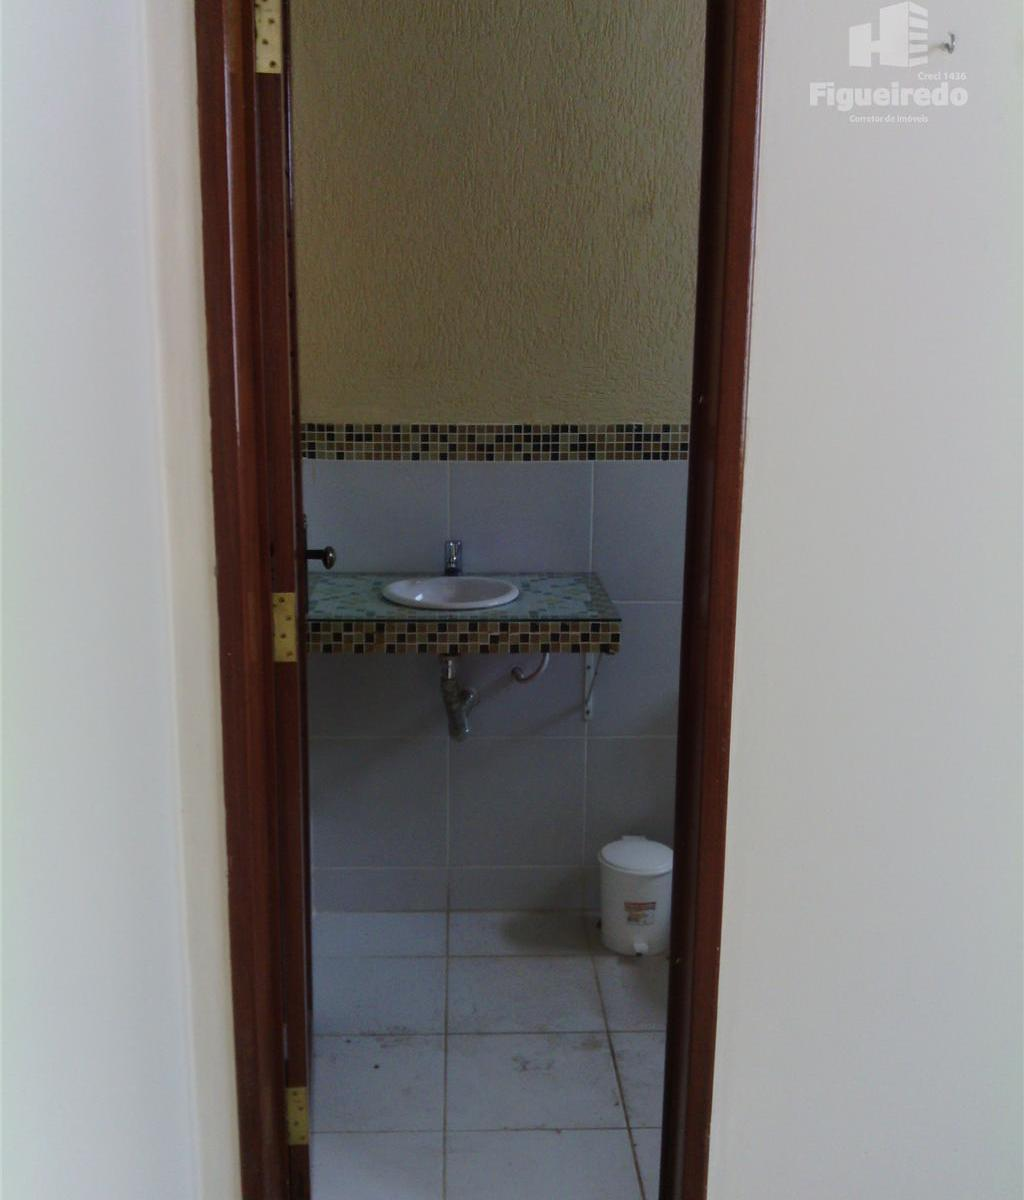 Imagens de #5A4F39  Branco João Pessoa R$ 950.000 435 m2 ID: 2926338628 Imovelweb 1024x1200 px 2864 Box Banheiro Joao Pessoa